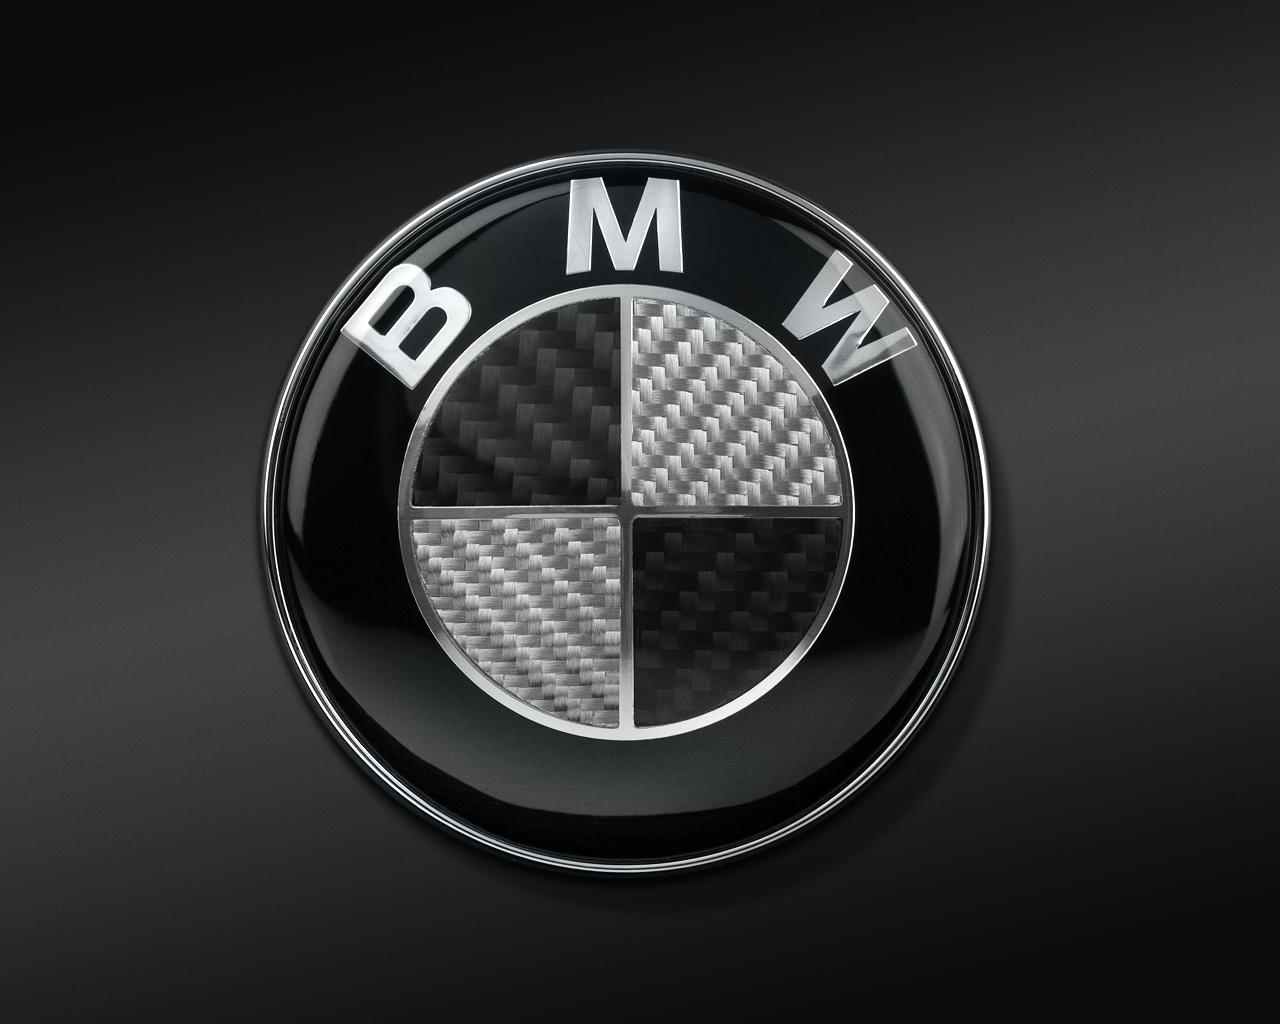 Bmw Logo Bmw Car Symbol Meaning Emblem Of Car Brand Car Brand